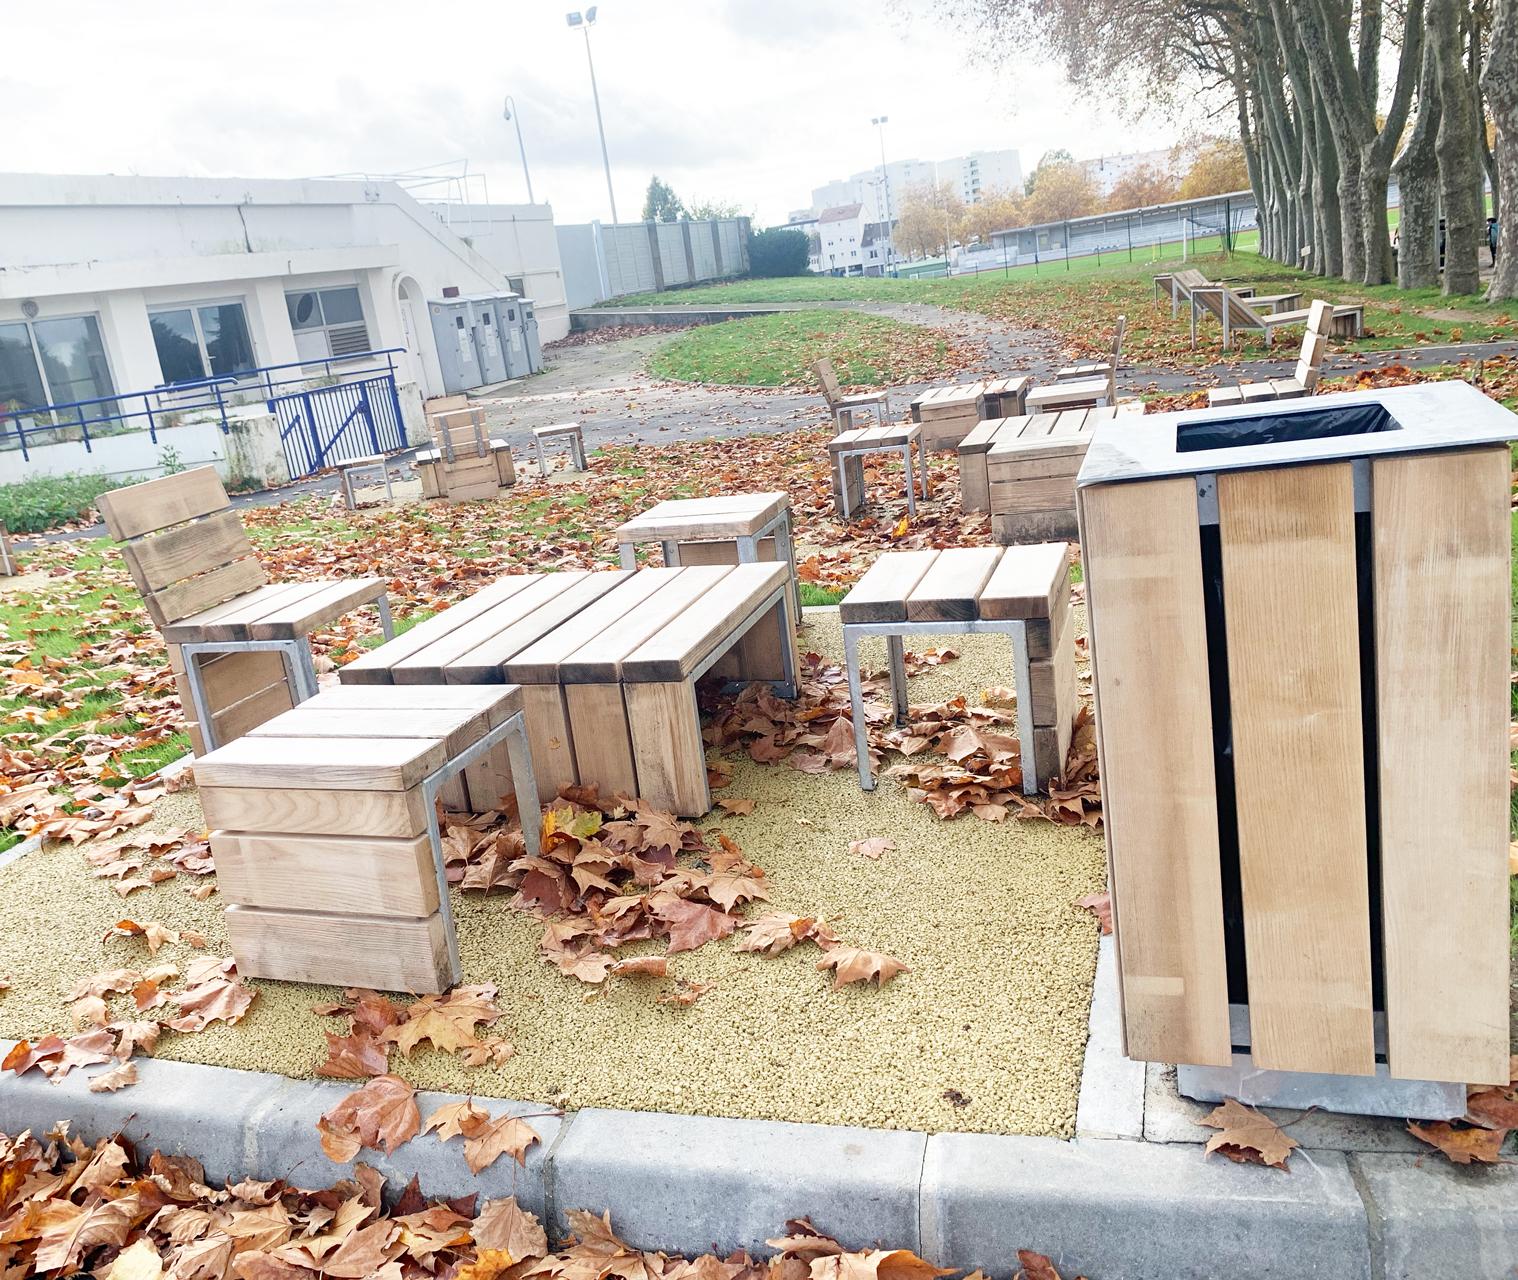 Table de pique nique Parc de Beaublanc Limoges